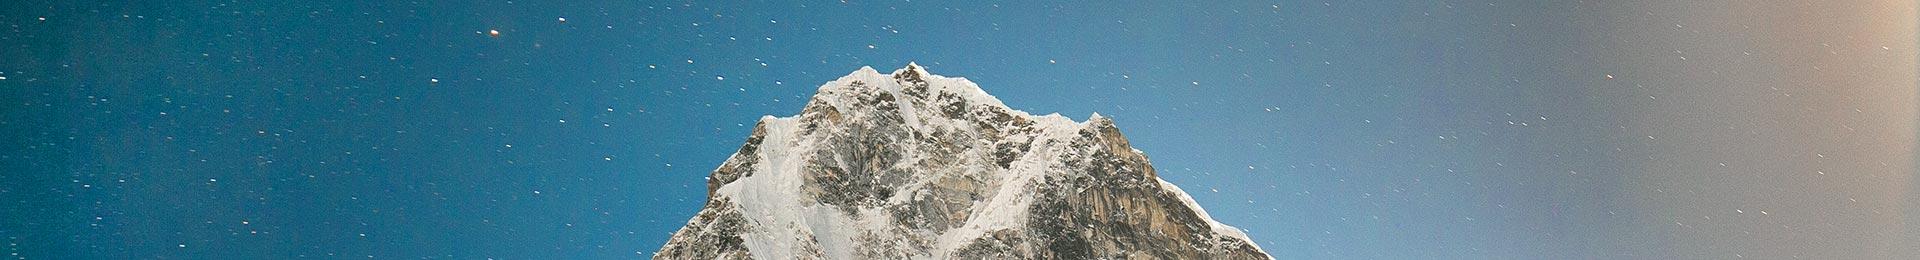 Каракорум. Великі гори Пакистану